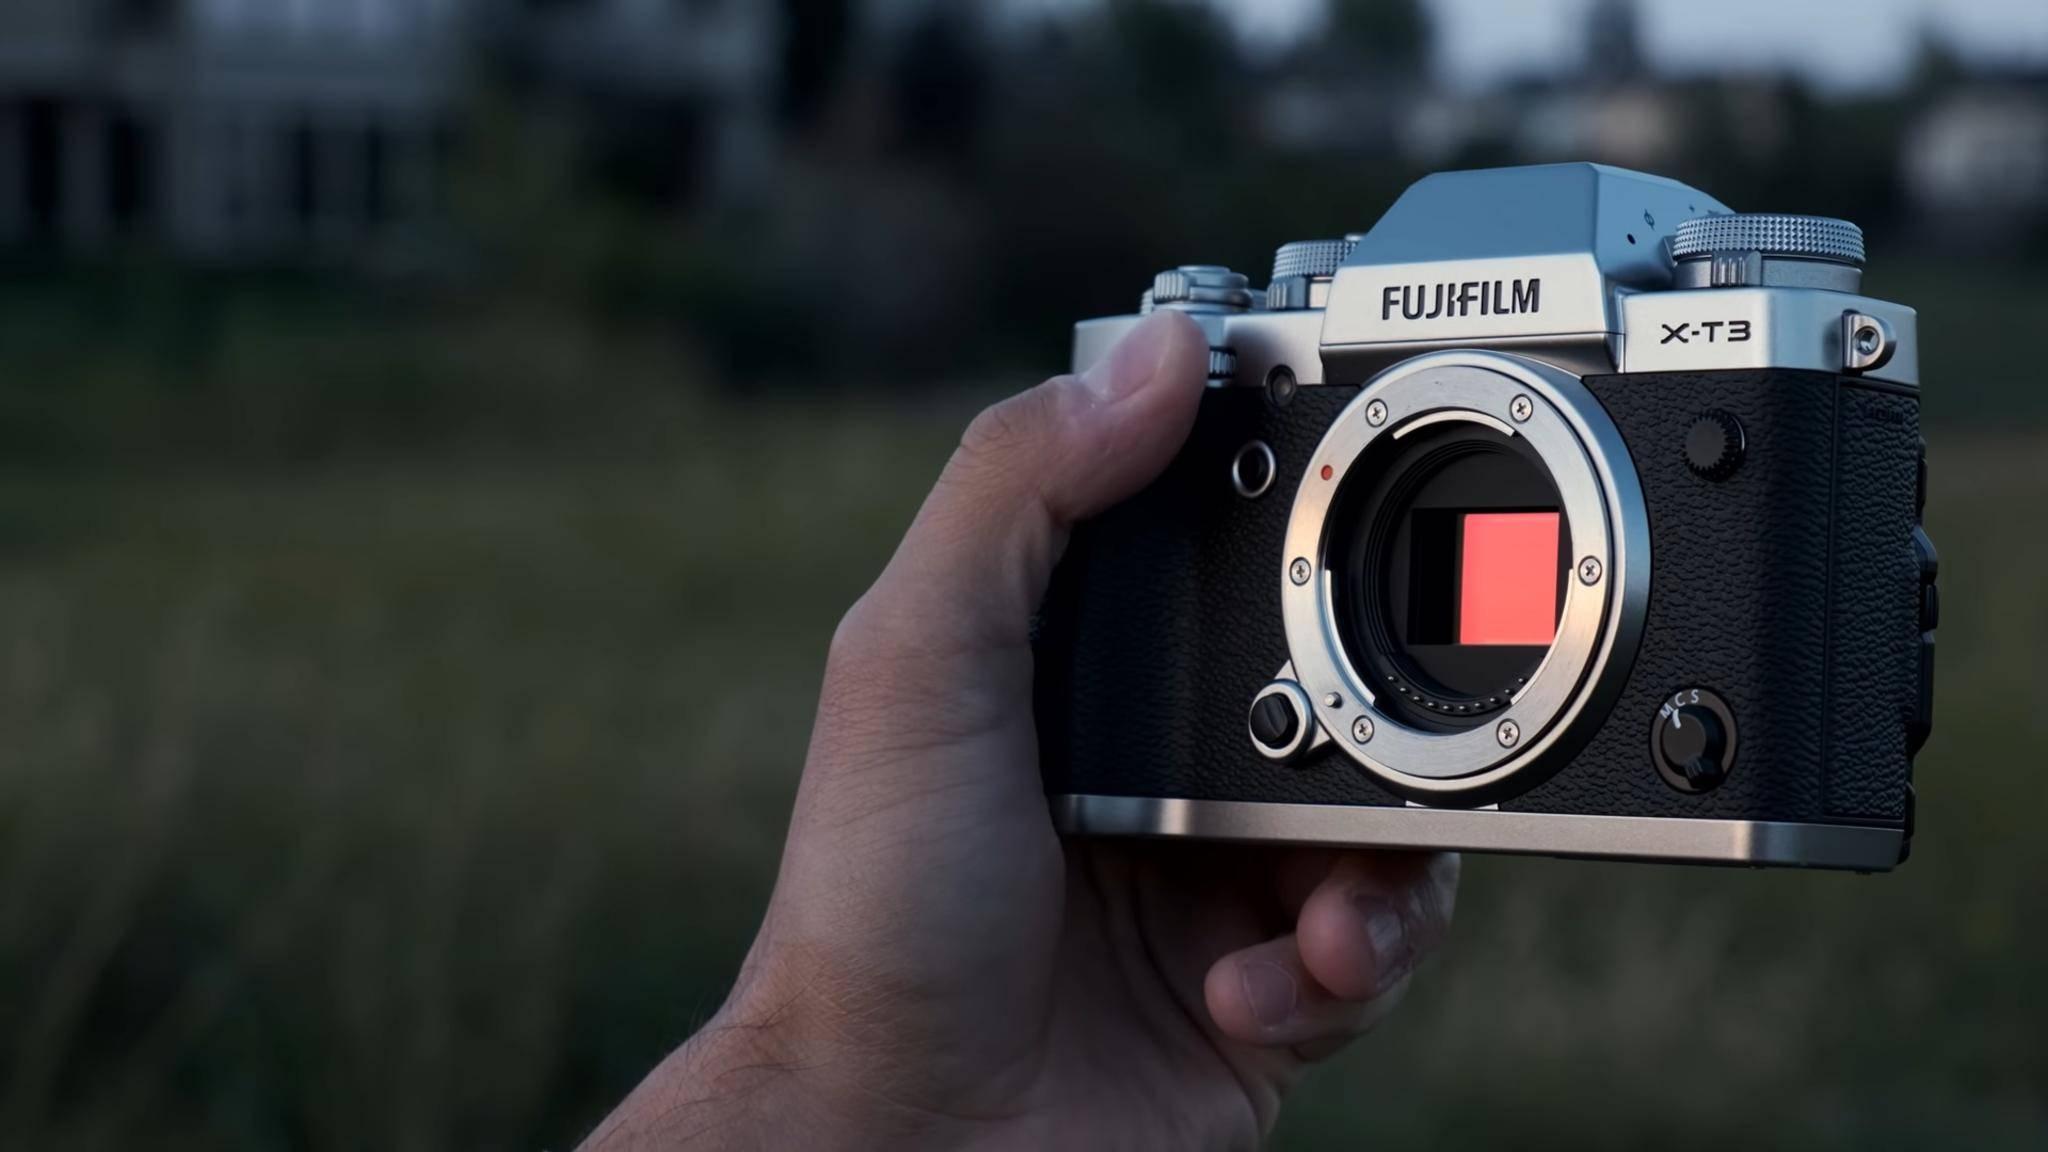 Die Fujifilm X-T3 wurde gegenüber der X-T2 deutlich verbessert.